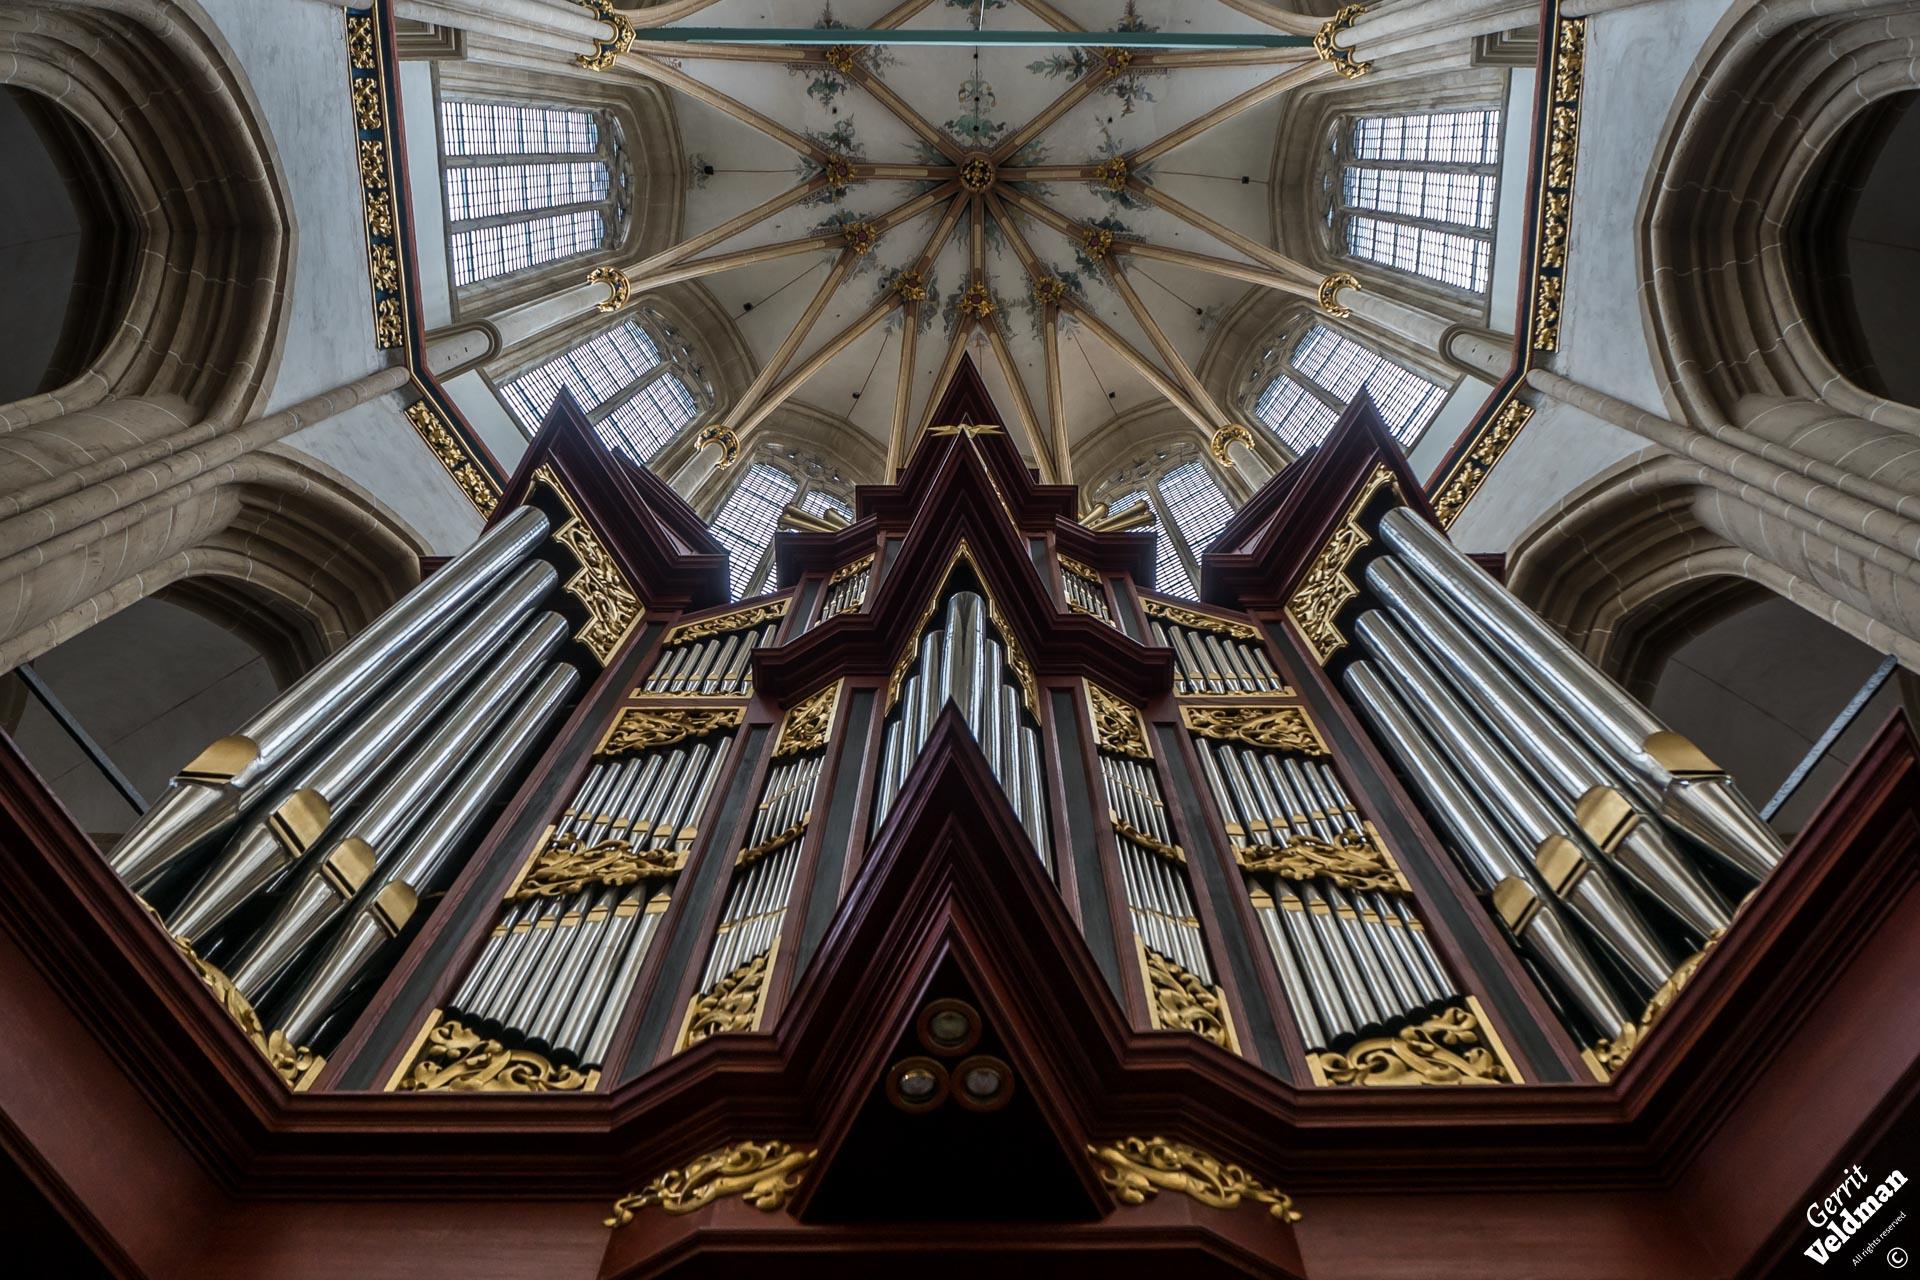 Reil-orgel, Bovenkerk, Kampen